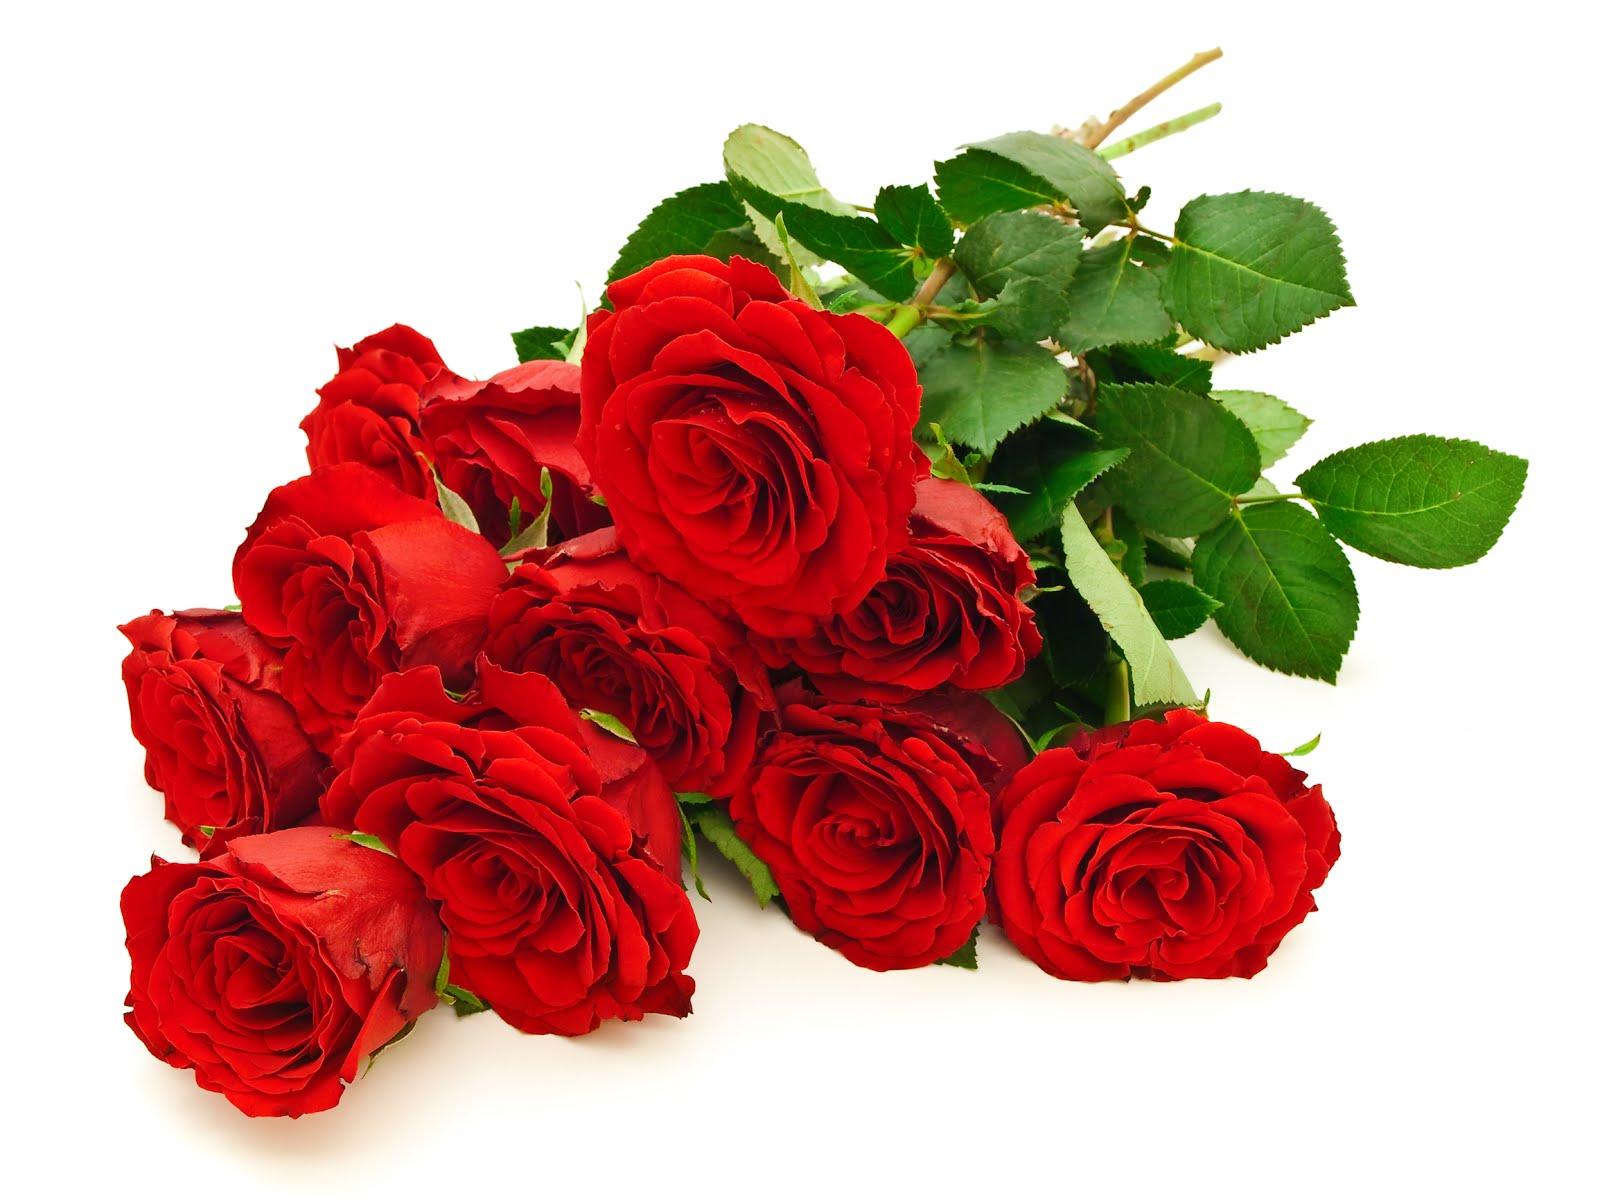 Descargar Imagenes De Flores Rojas